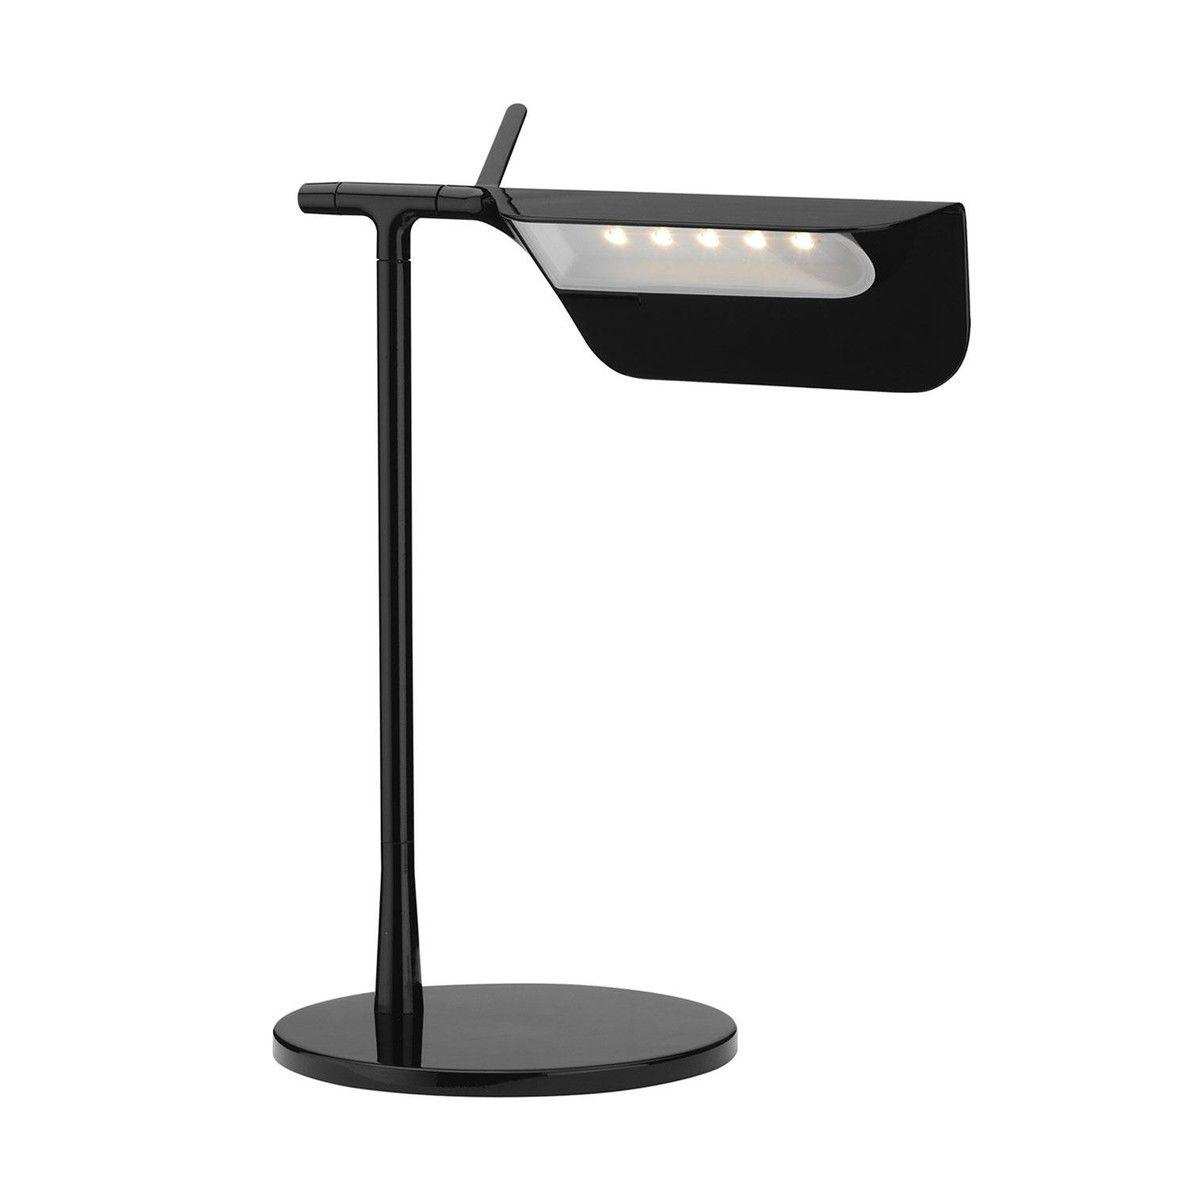 Tab T LED Table Lamp Flos – Flos Desk Lamp